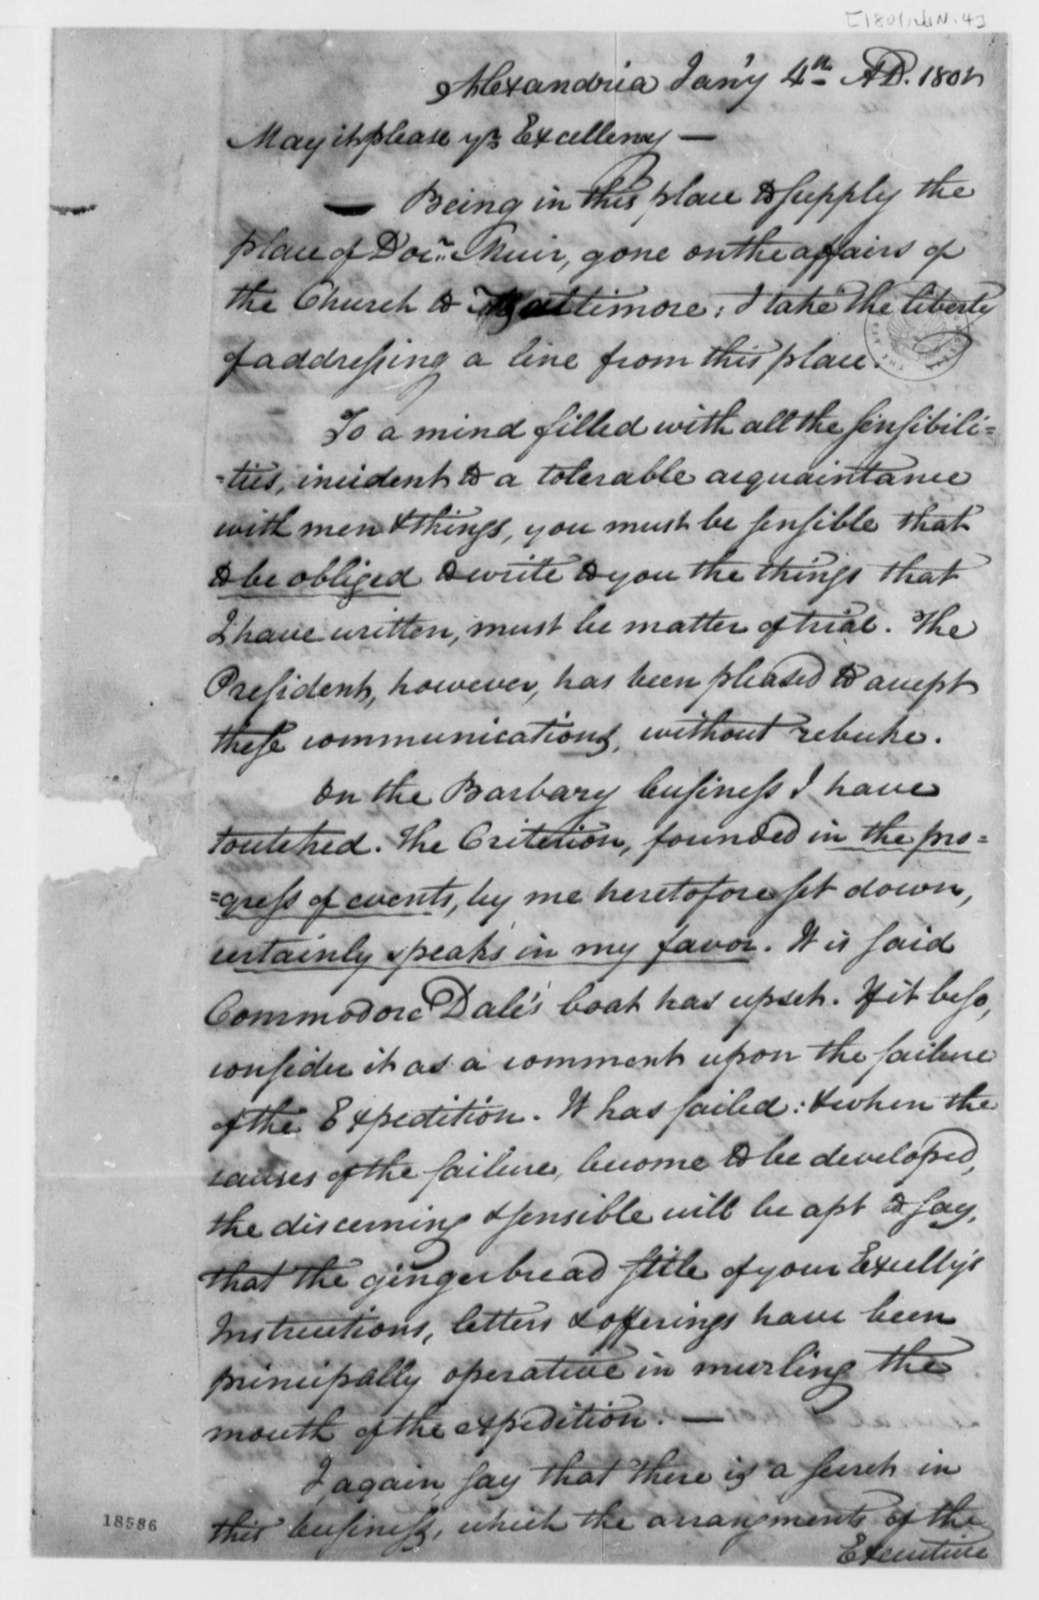 David Austin to Thomas Jefferson, January 4, 1801